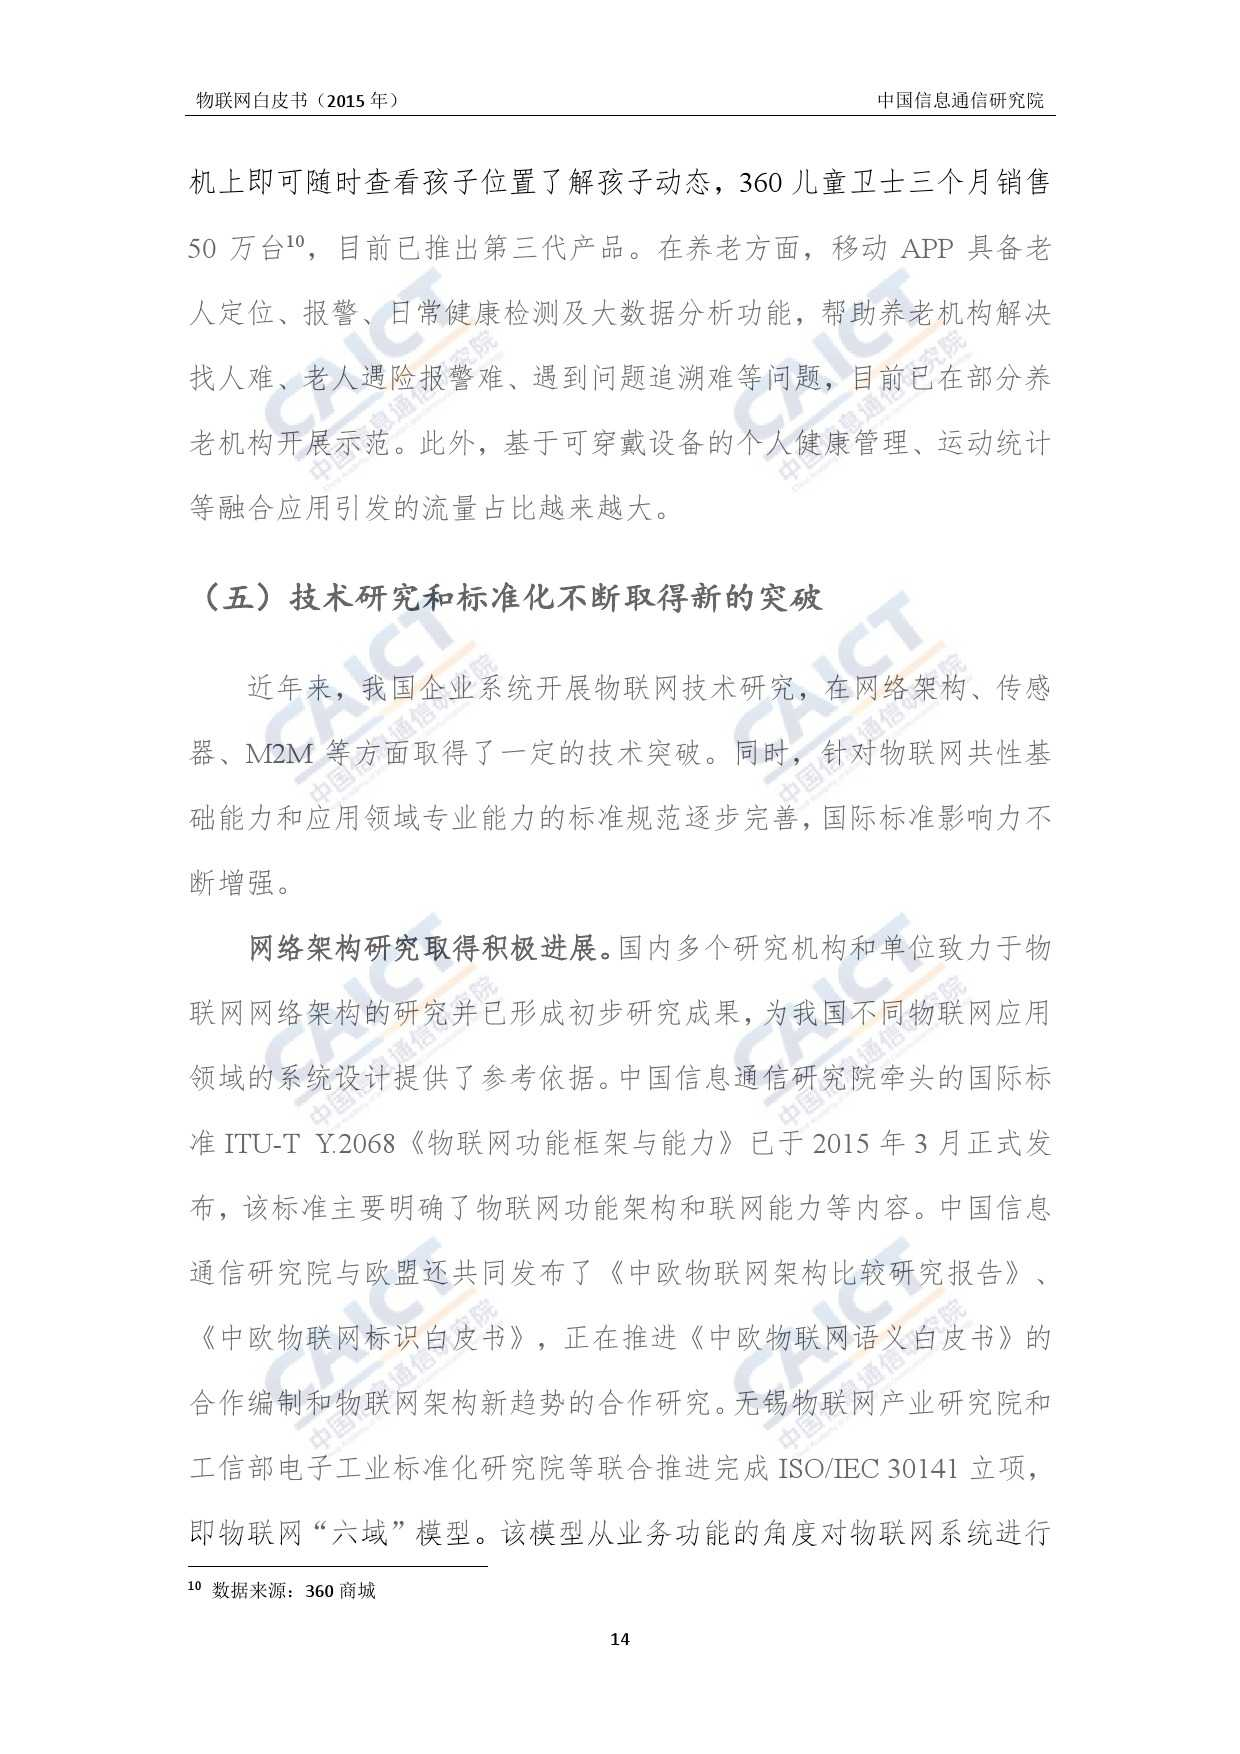 中国信息通信研究院:2015年物联网白皮书_000018